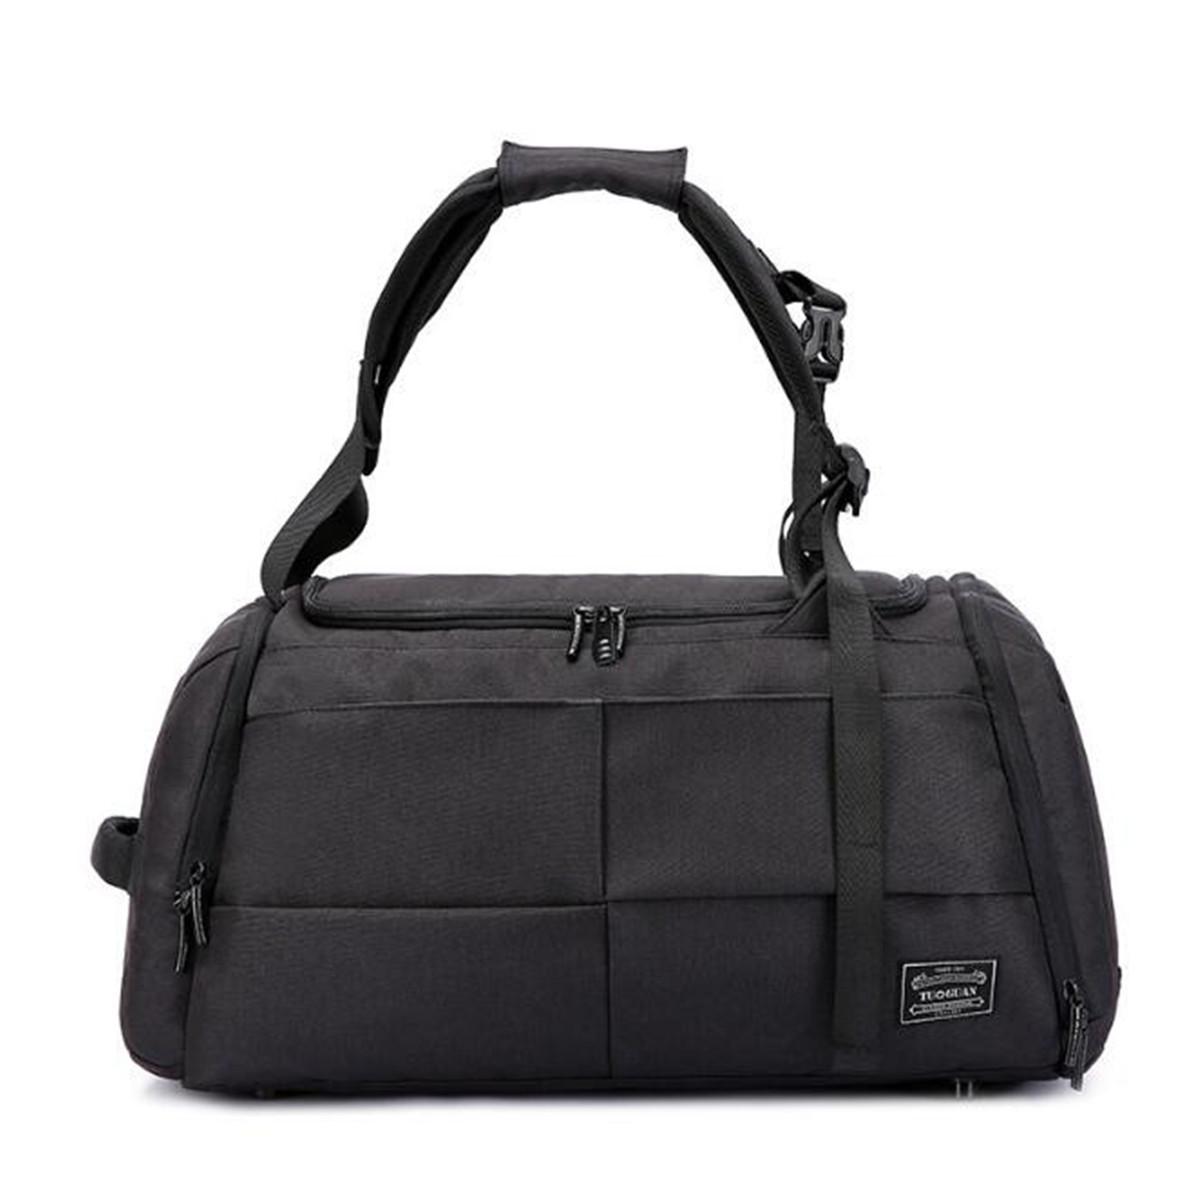 ab782f1daad0 Outdoor Men Women Luggage Travel Bag Satchel Shoulder Gym Sports Handbag  with Shoes Storage · 8a68fbc9-729d-4d3b-8b47-ed0d84dbf5b0.jpg ...